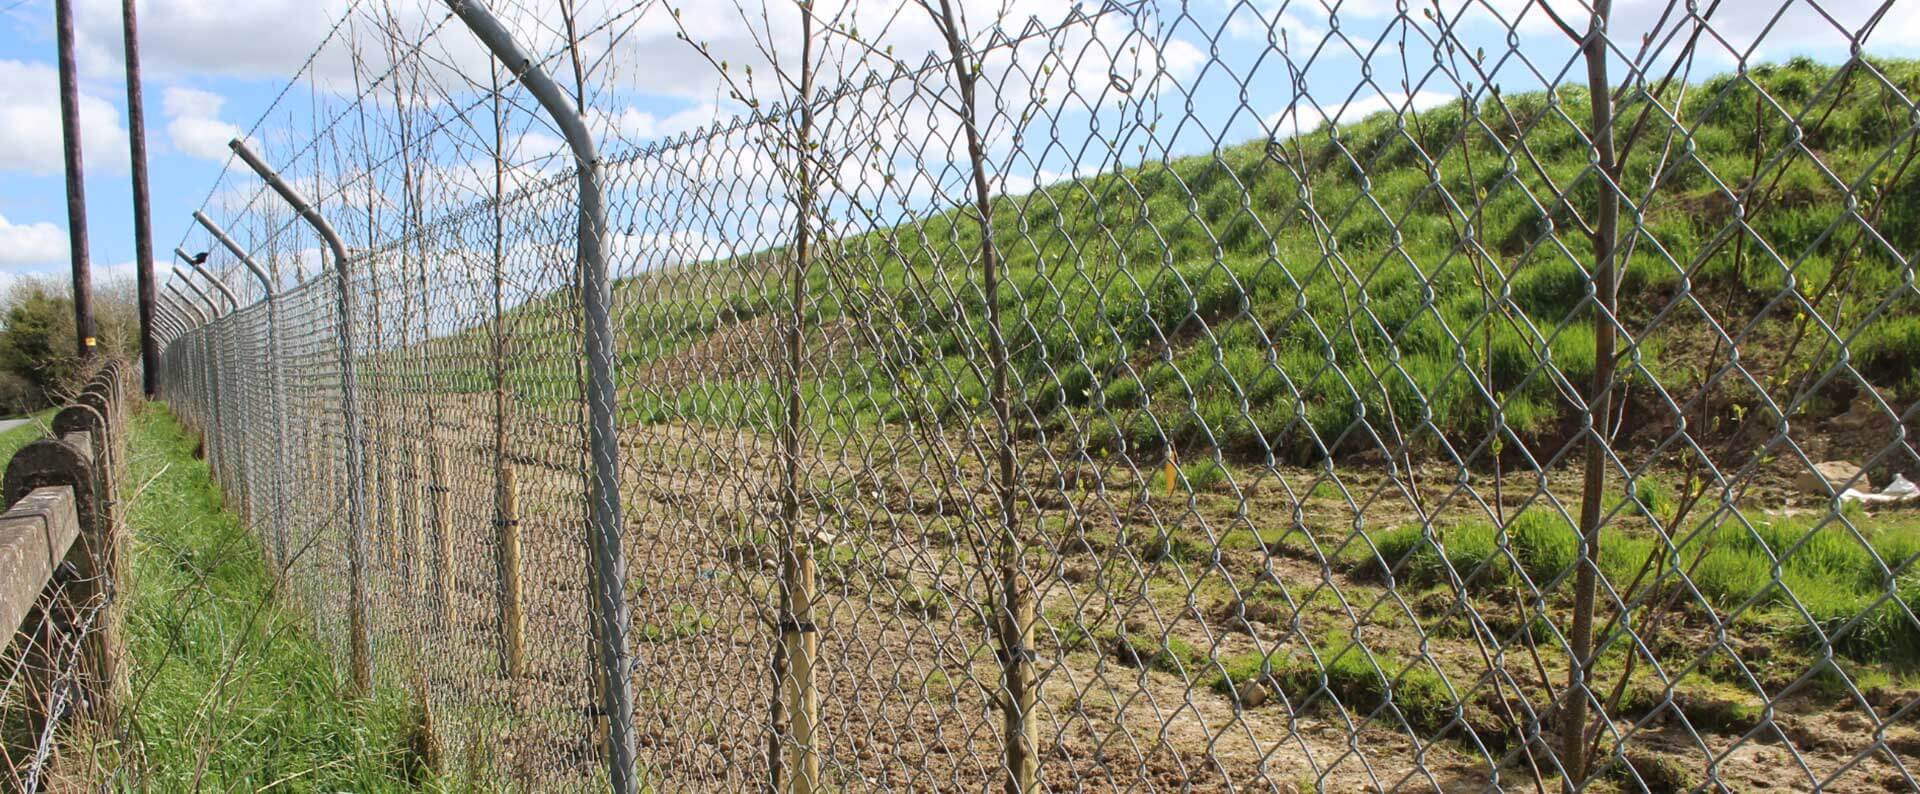 Tara Mines, Meath